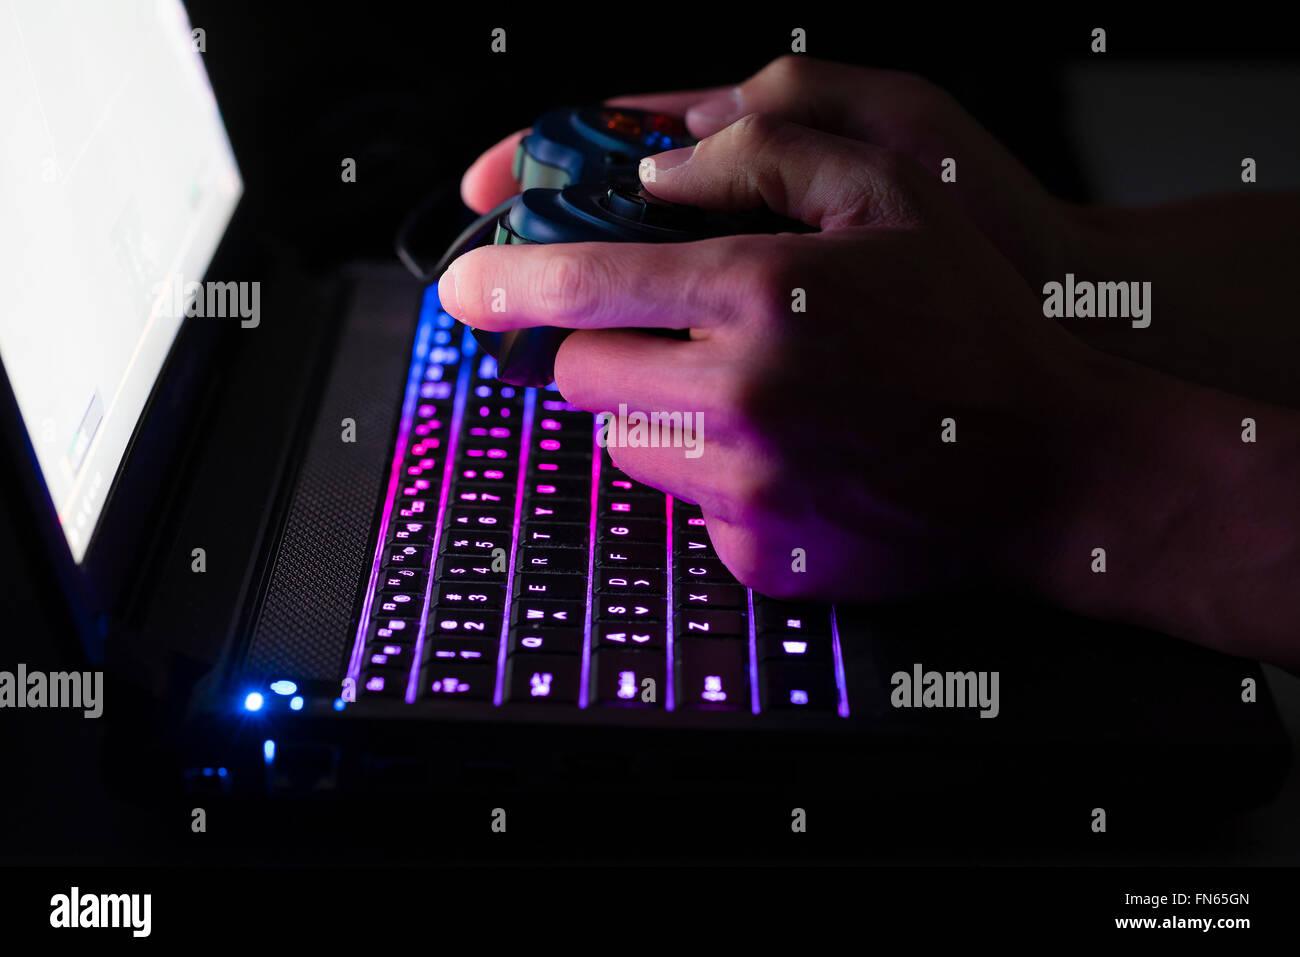 Laptop computer gaming - Stock Image